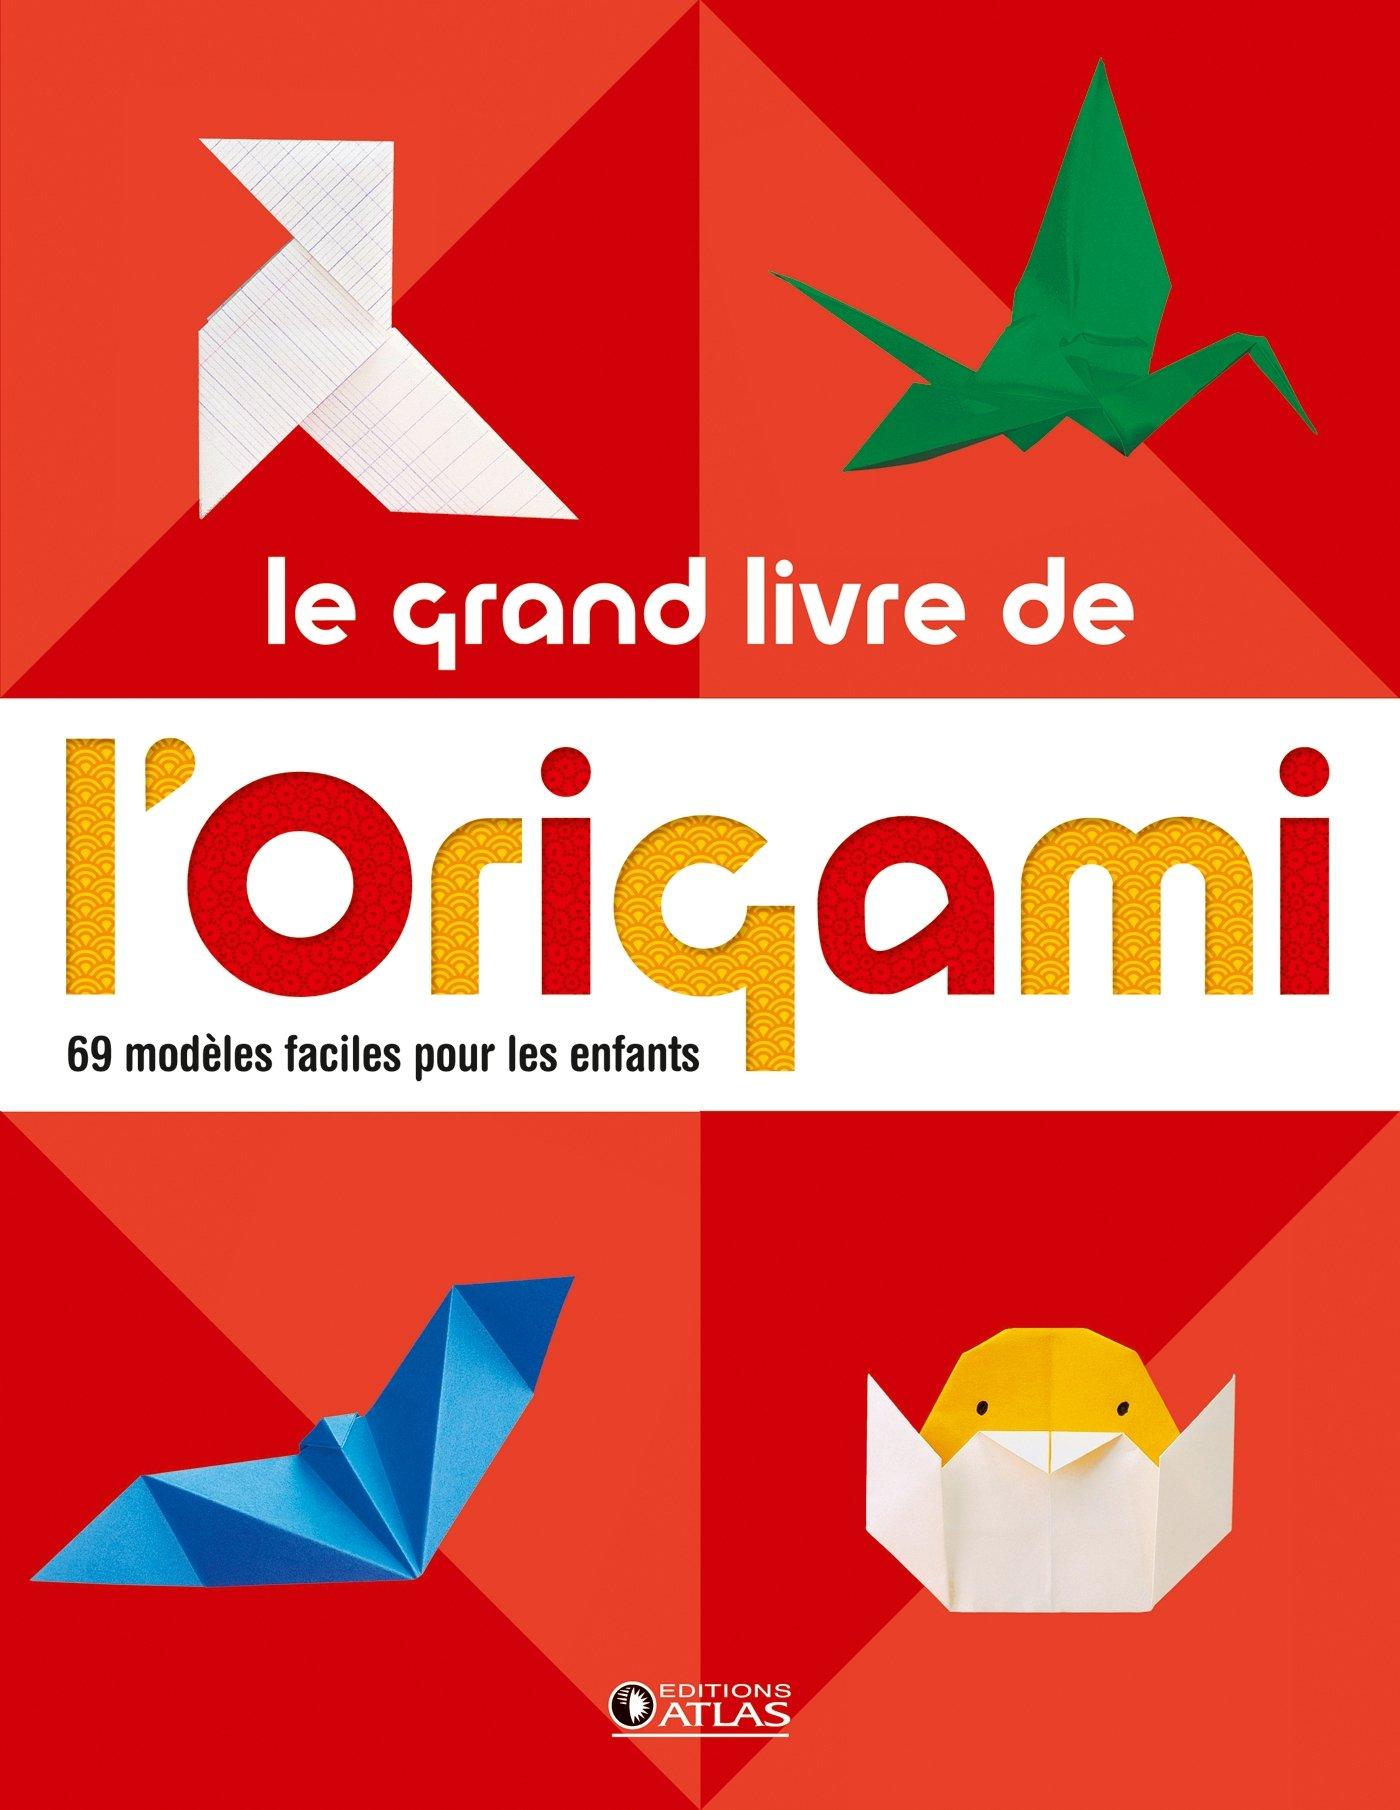 Le grand livre de l' origami: 60 modèles faciles pour les enfants Broché – 25 septembre 2013 Collectif Editions ATLAS 2723496163 Sports